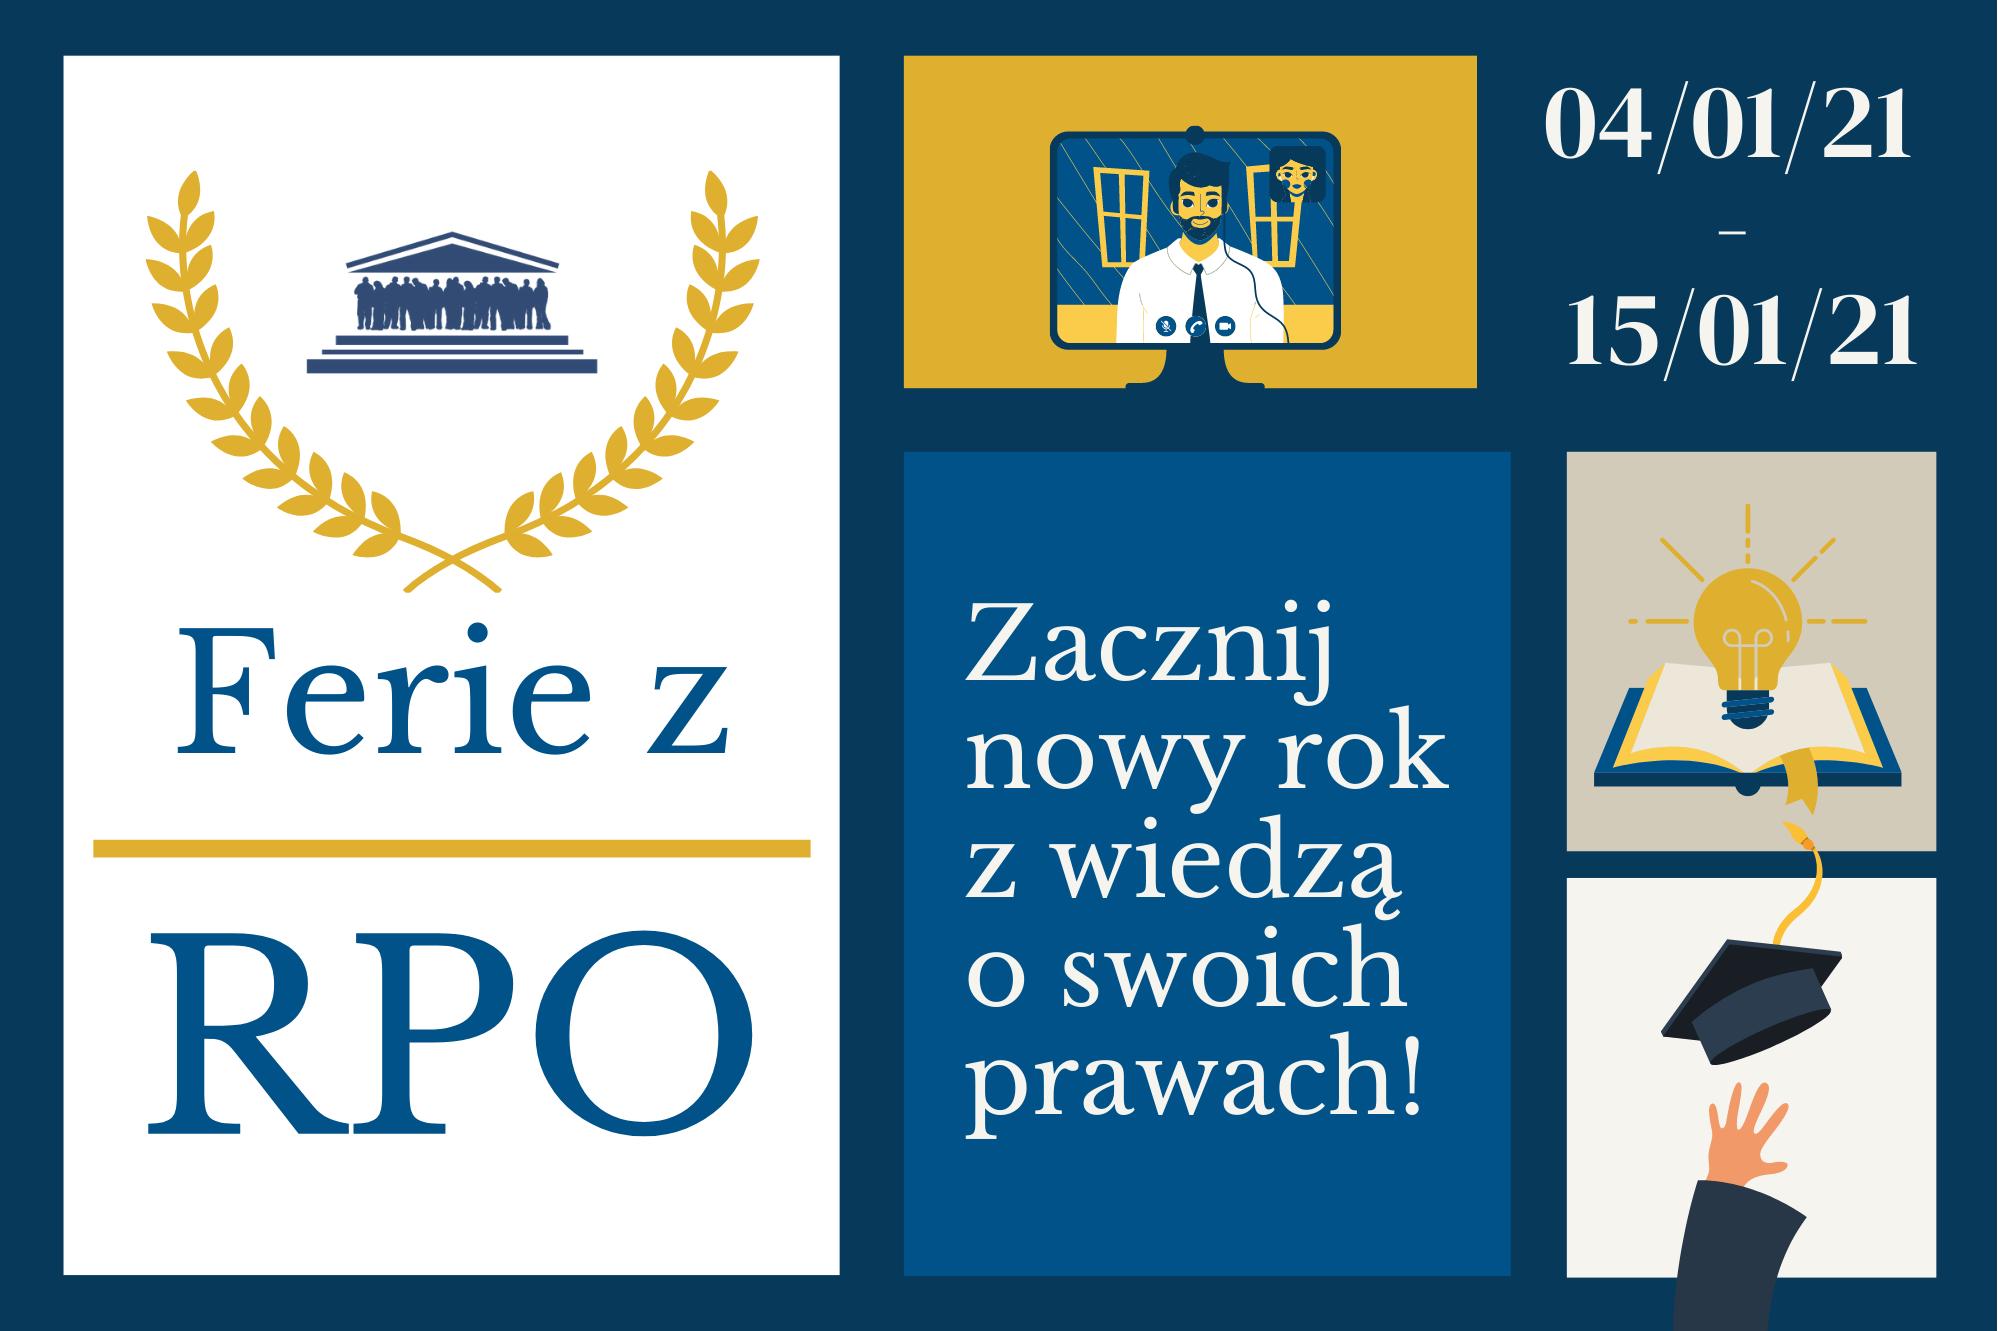 granatowo-żółta plansza zapraszająca do udziału w projekcie Ferie z RPO